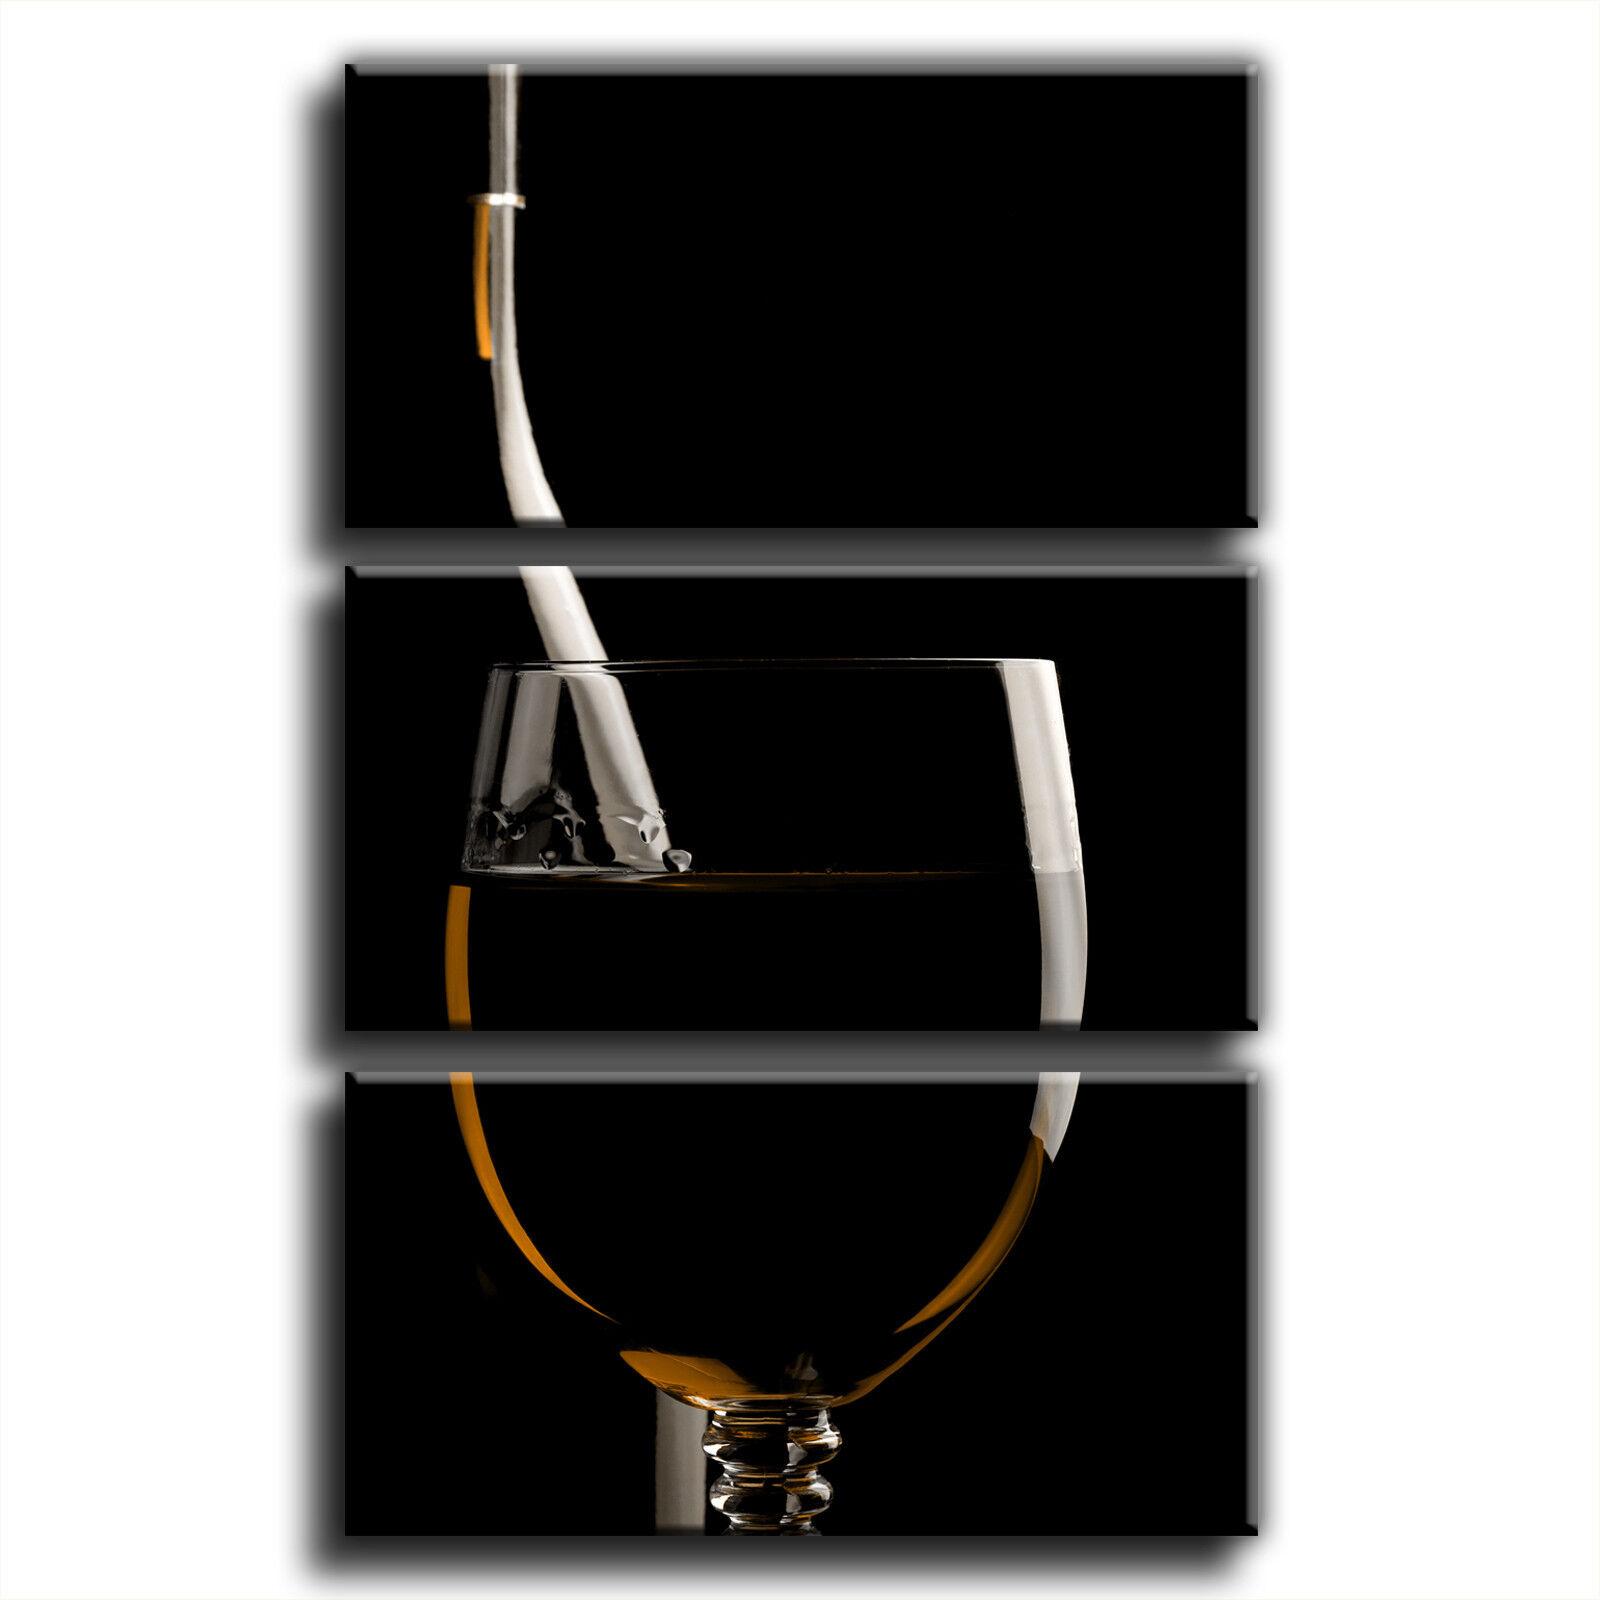 Verre à vin & bouteille toile art imprimé treble treble treble triptych boîte encadrée photo 7 | Soldes  551846